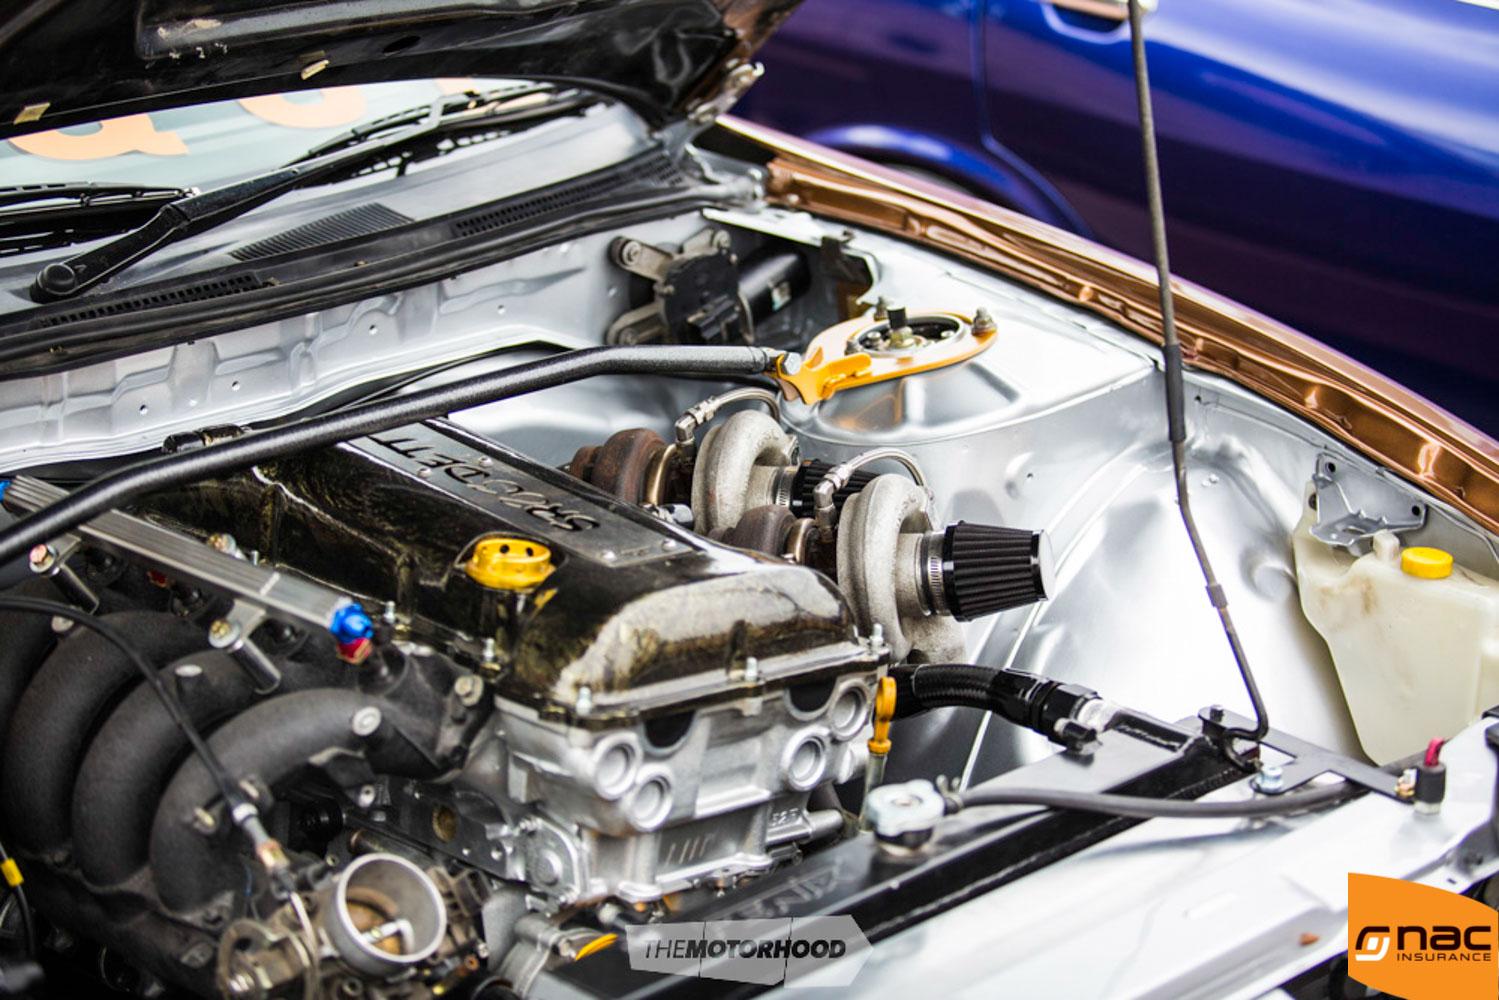 S/I Champs 2017: twin-turbo SR23? — The Motorhood